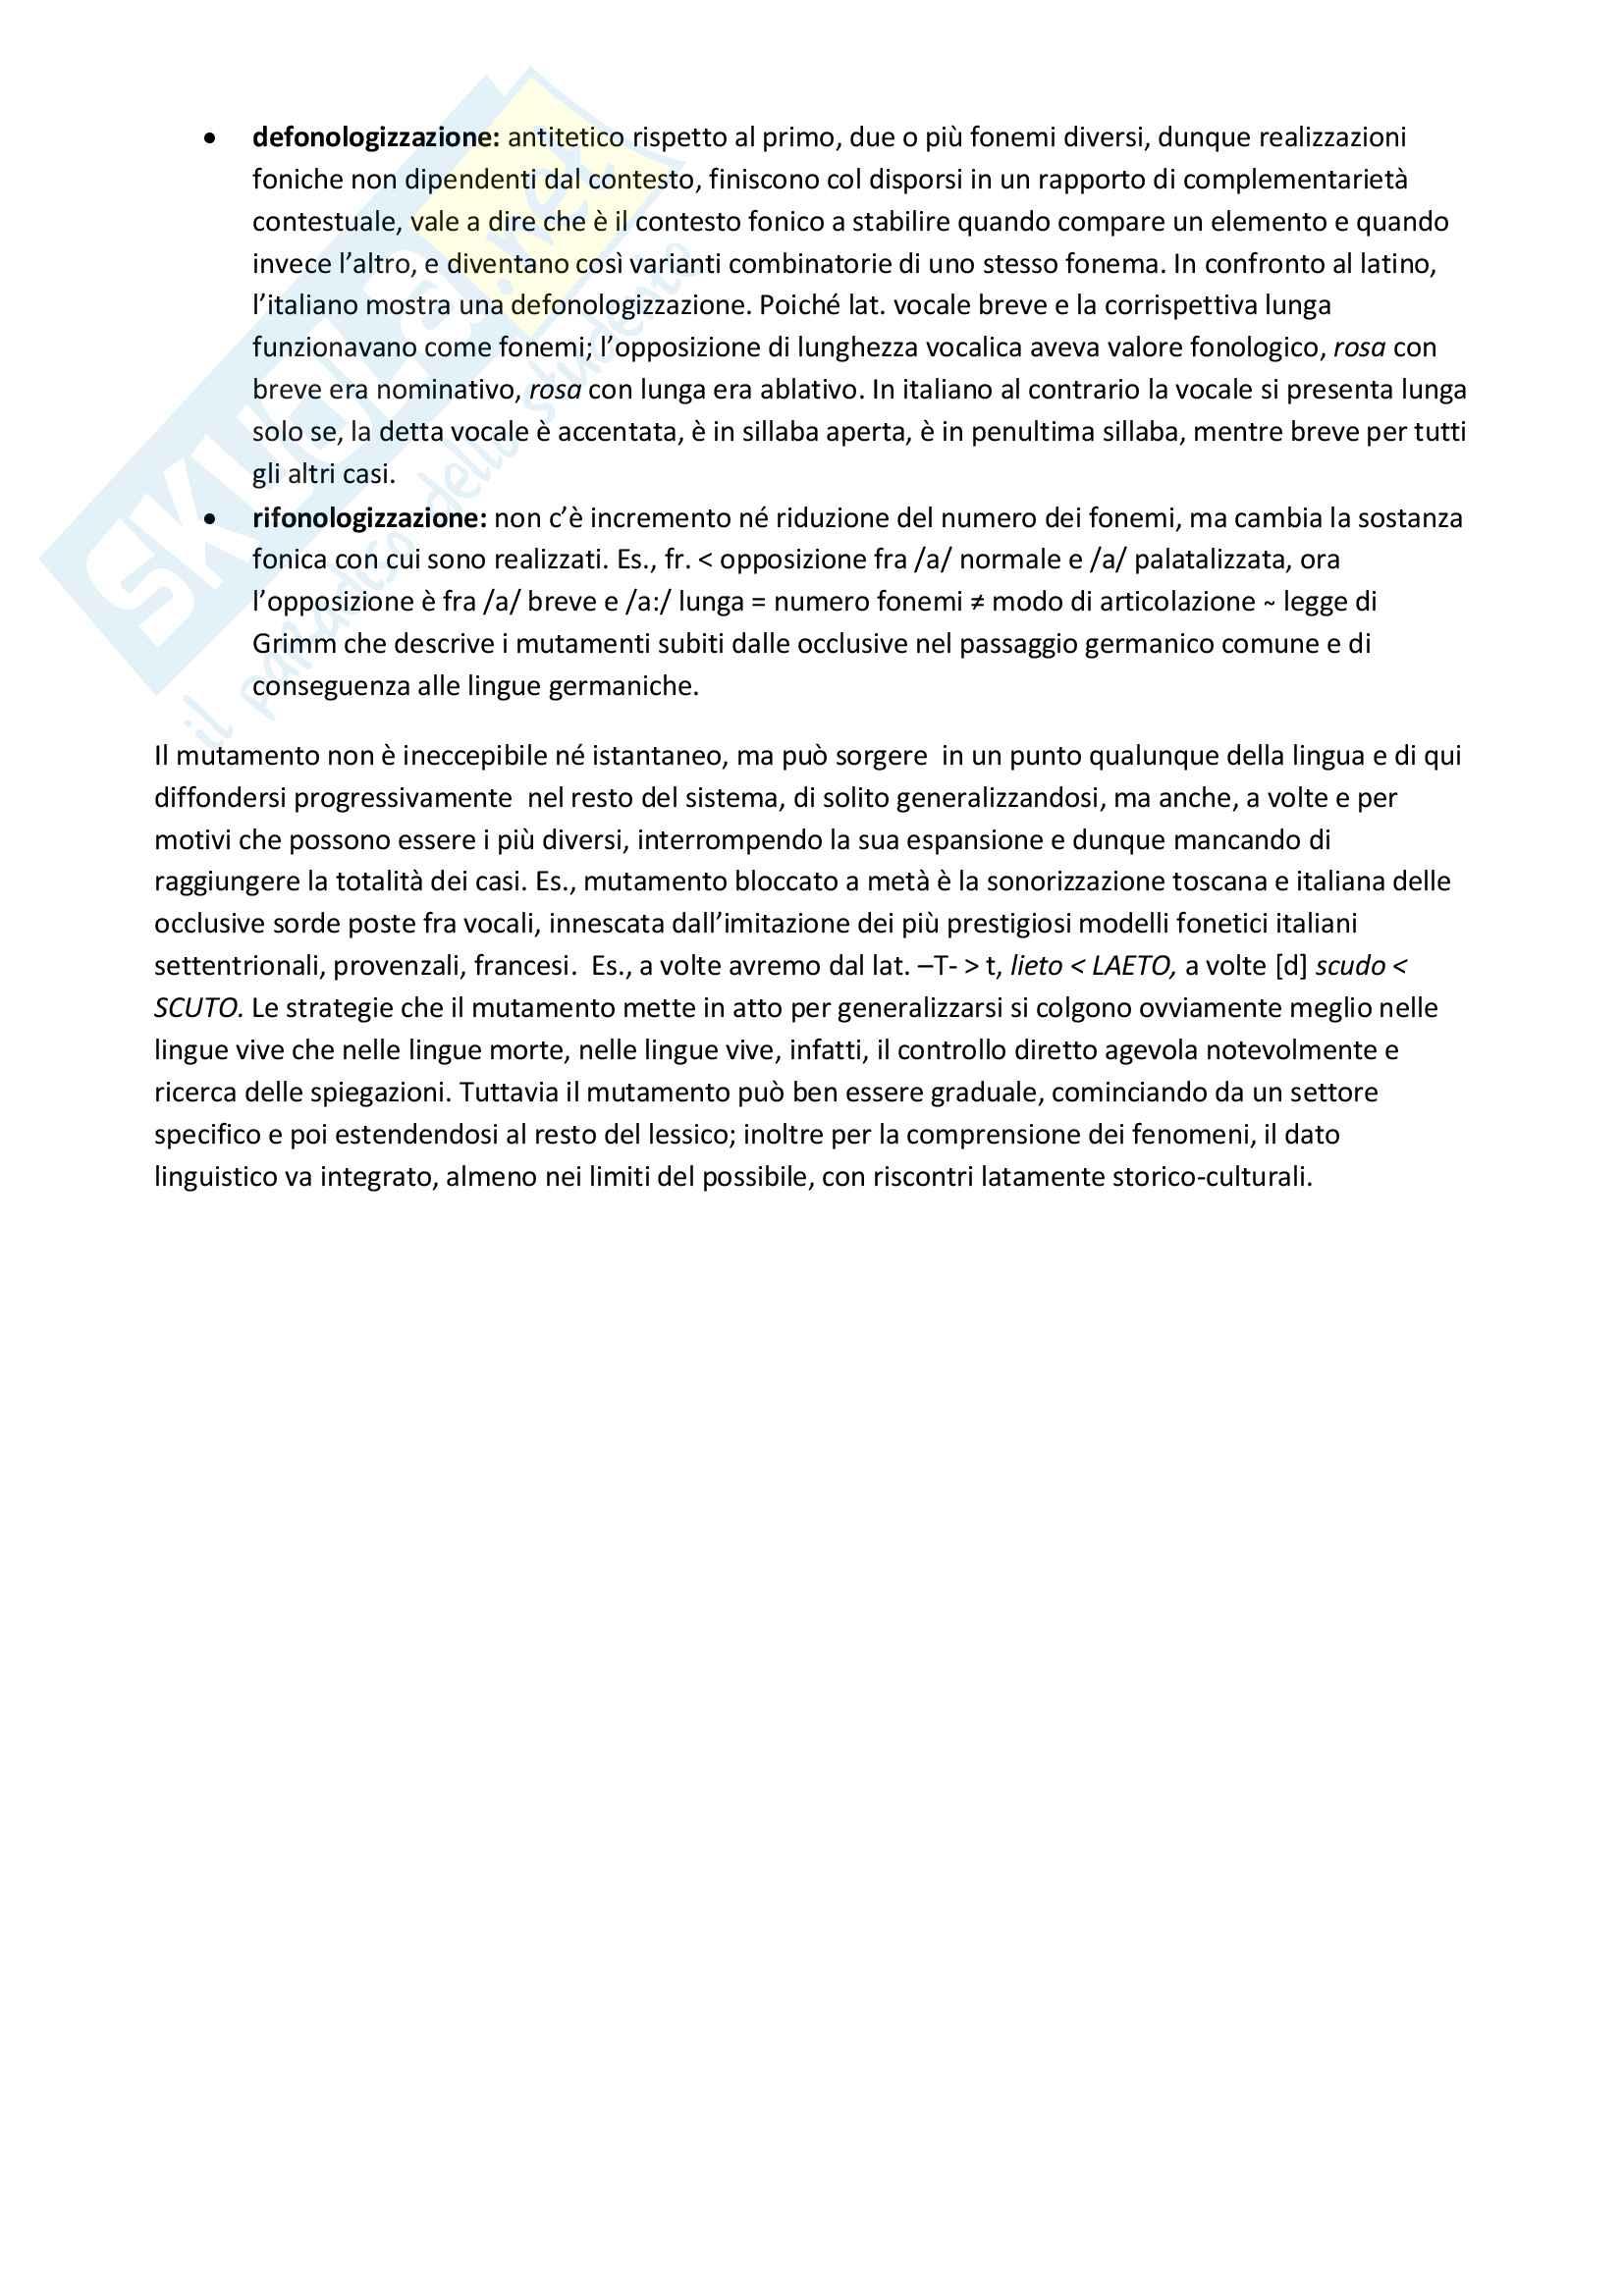 Riassunto esame Glottologia, Fanciullo, libro consigliato Manuale di linguistica storica, Fanciullo Pag. 6